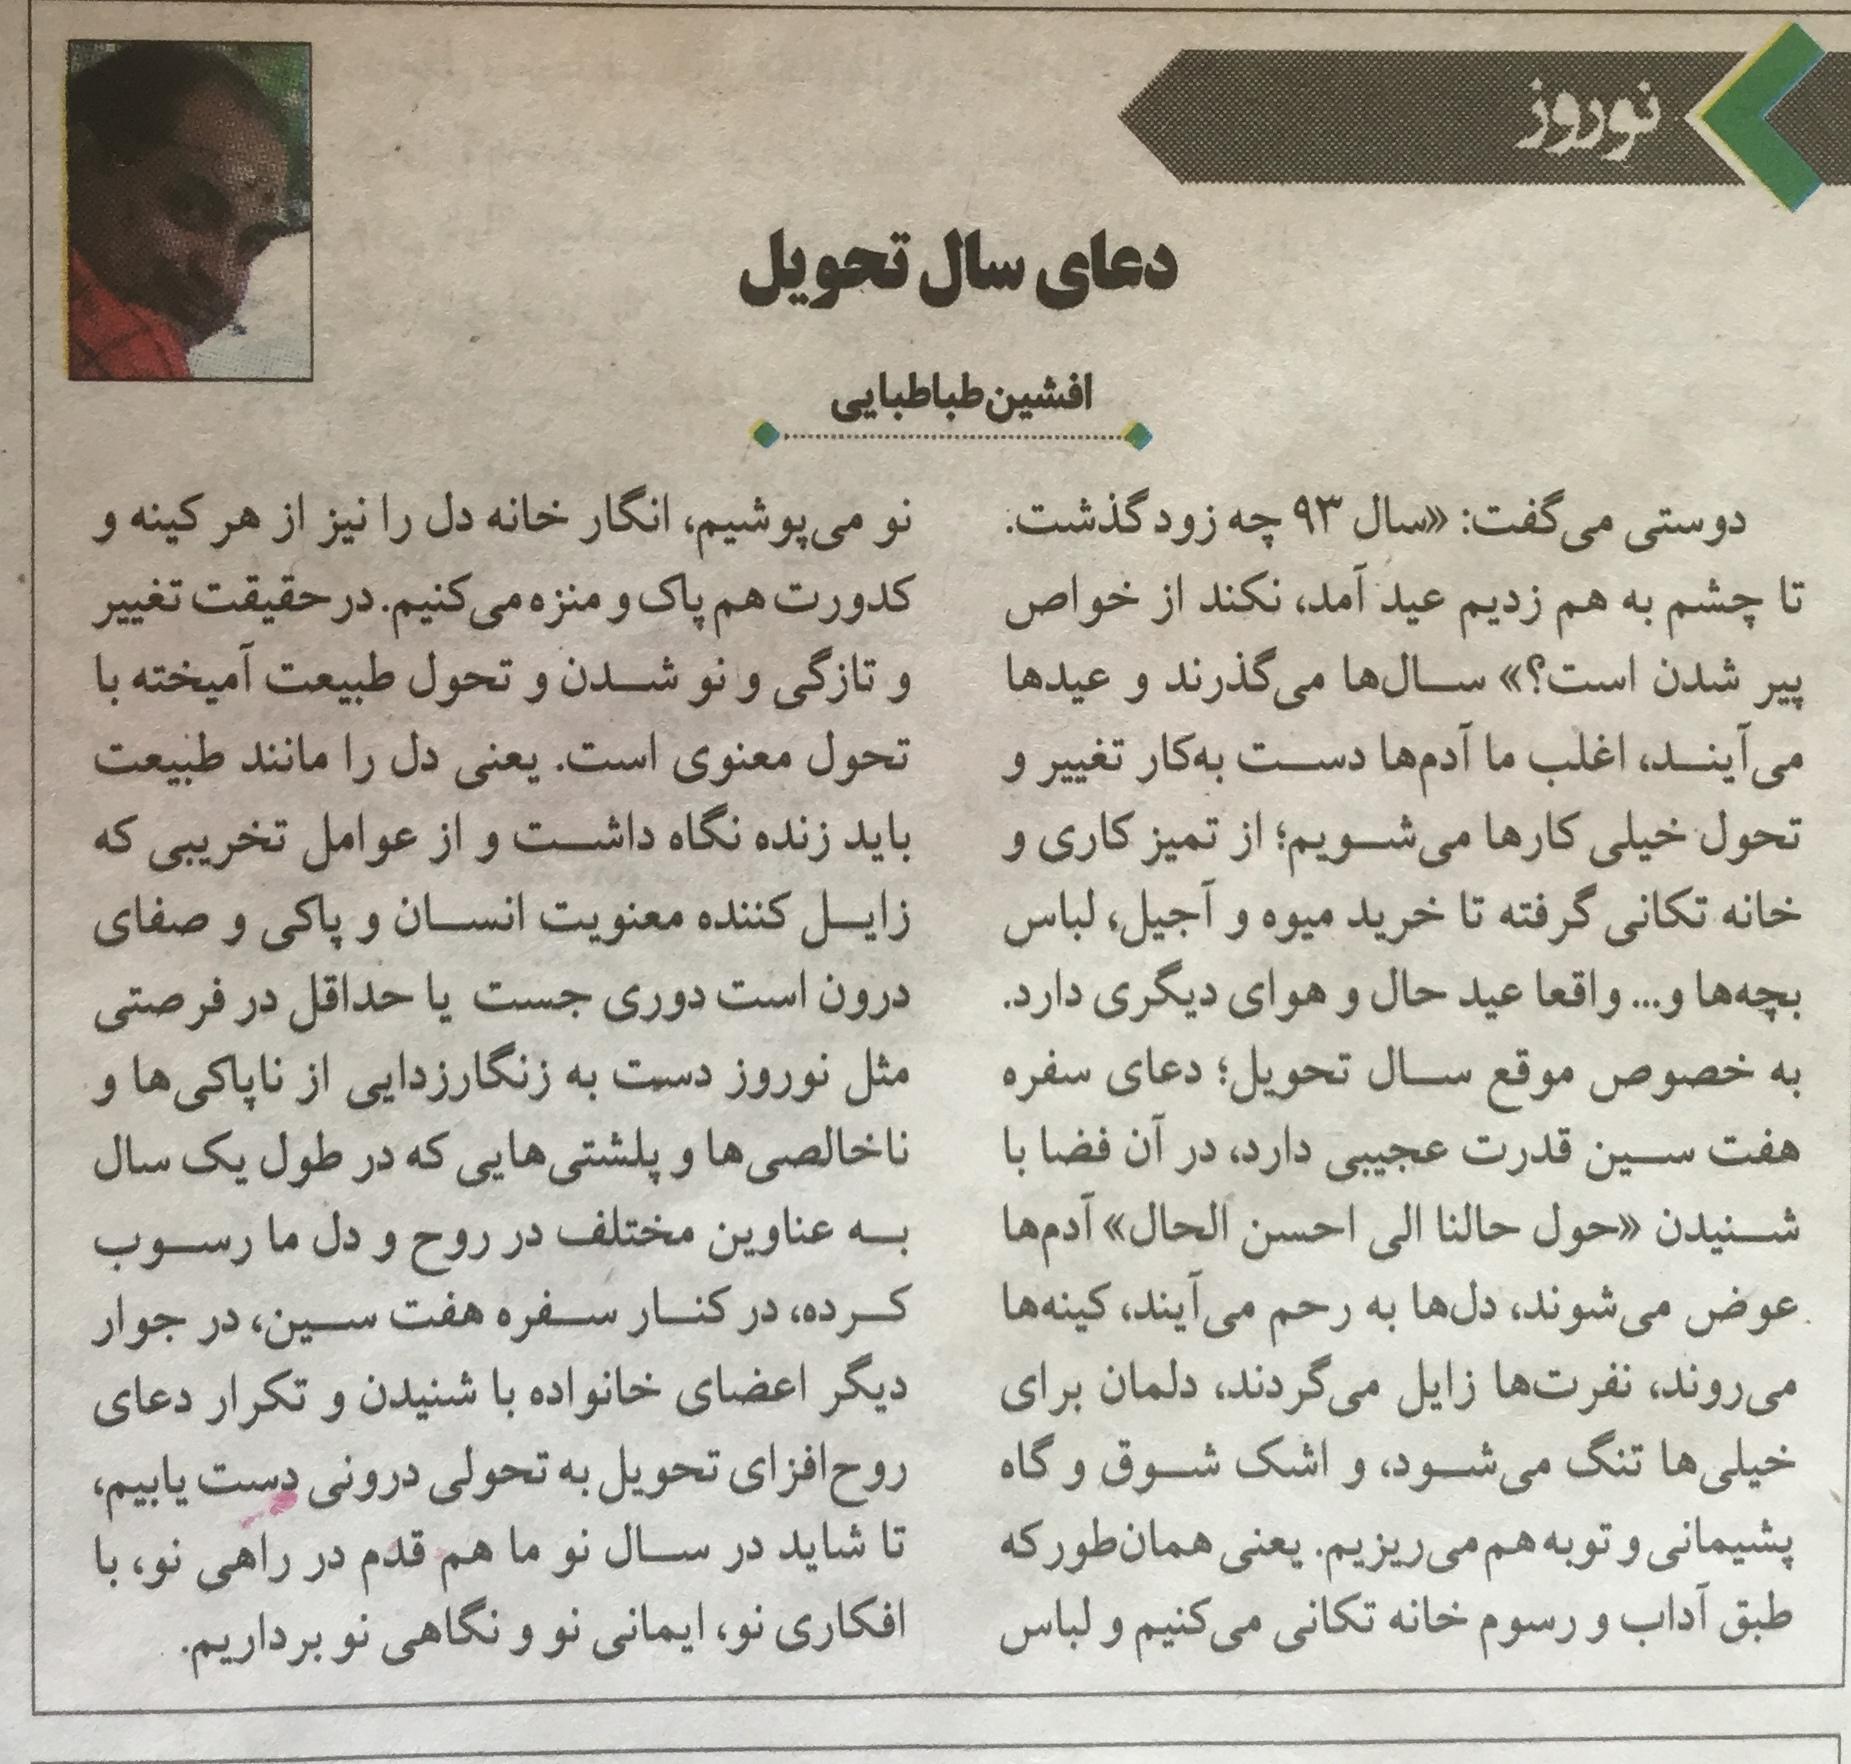 روزنامه: دعای سال تحویل - دکتر طباطبایی